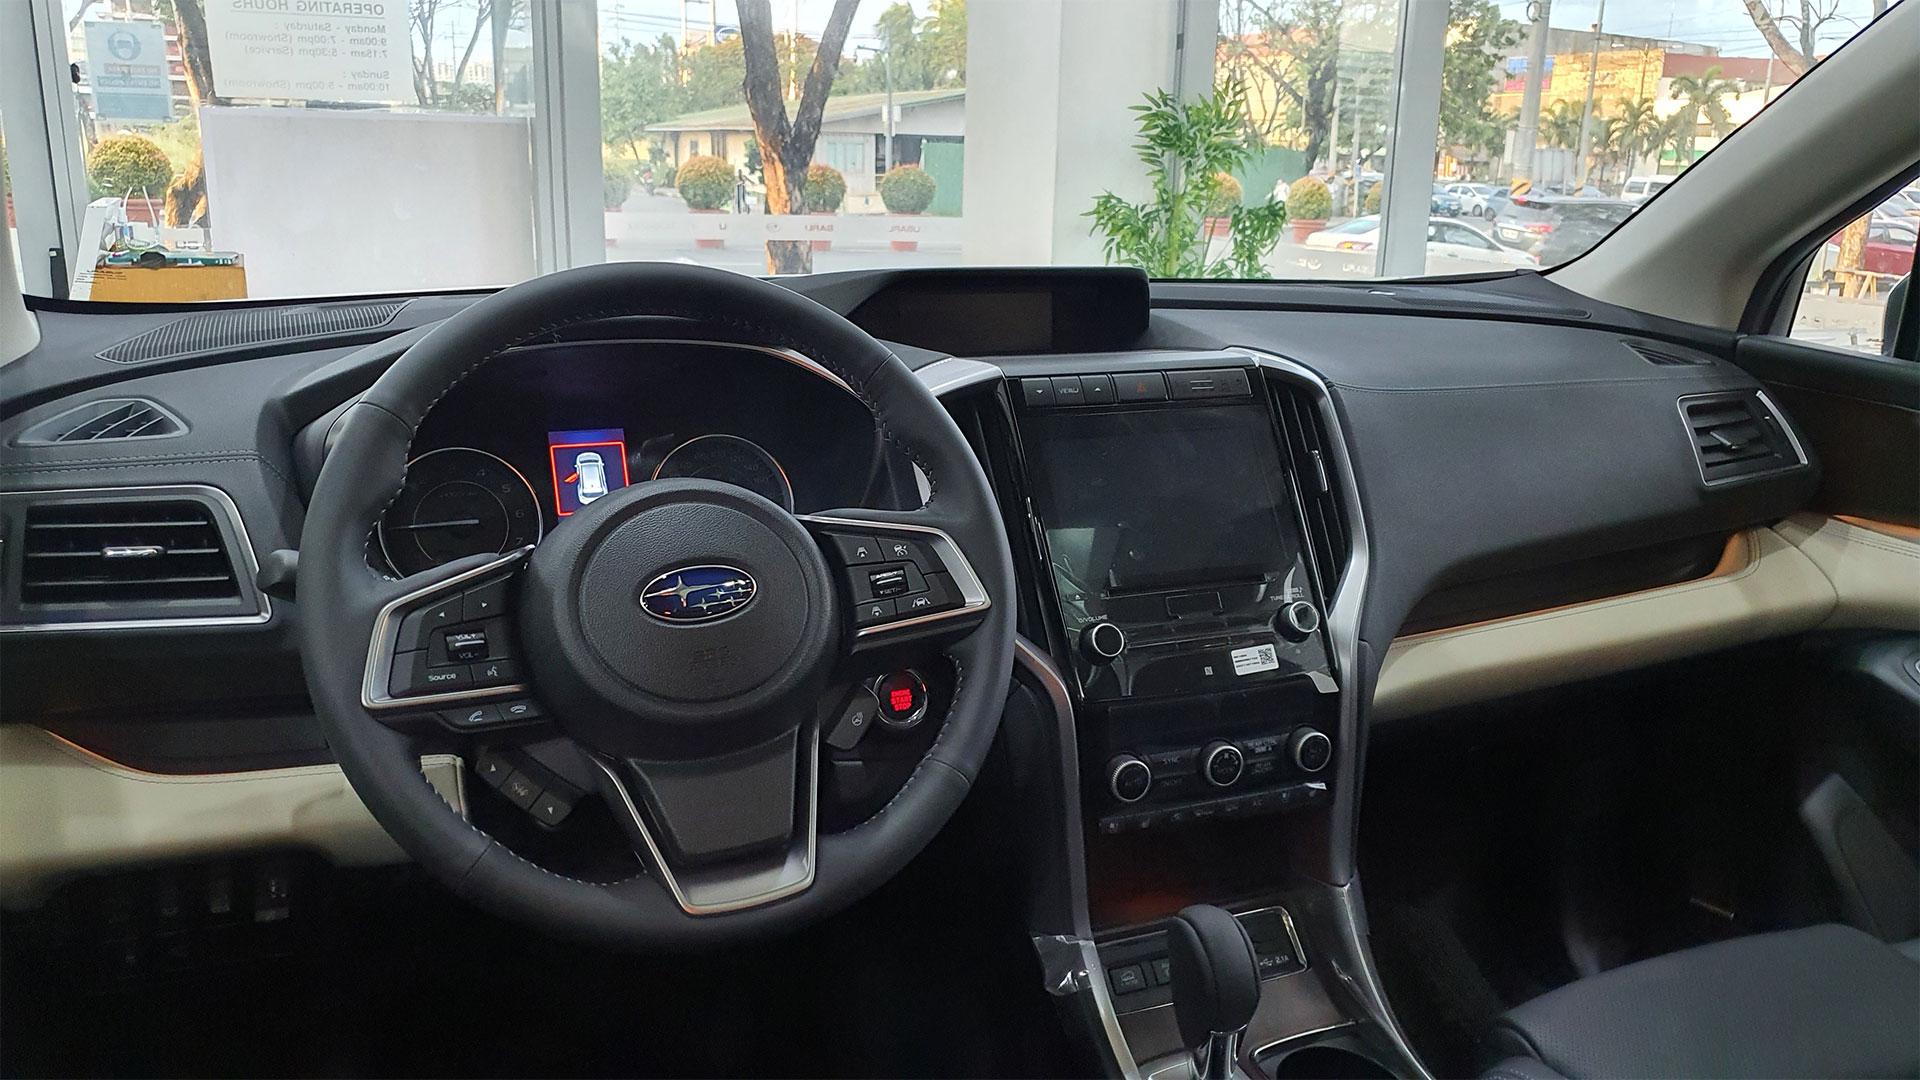 The Subaru Evoltis Dashboard